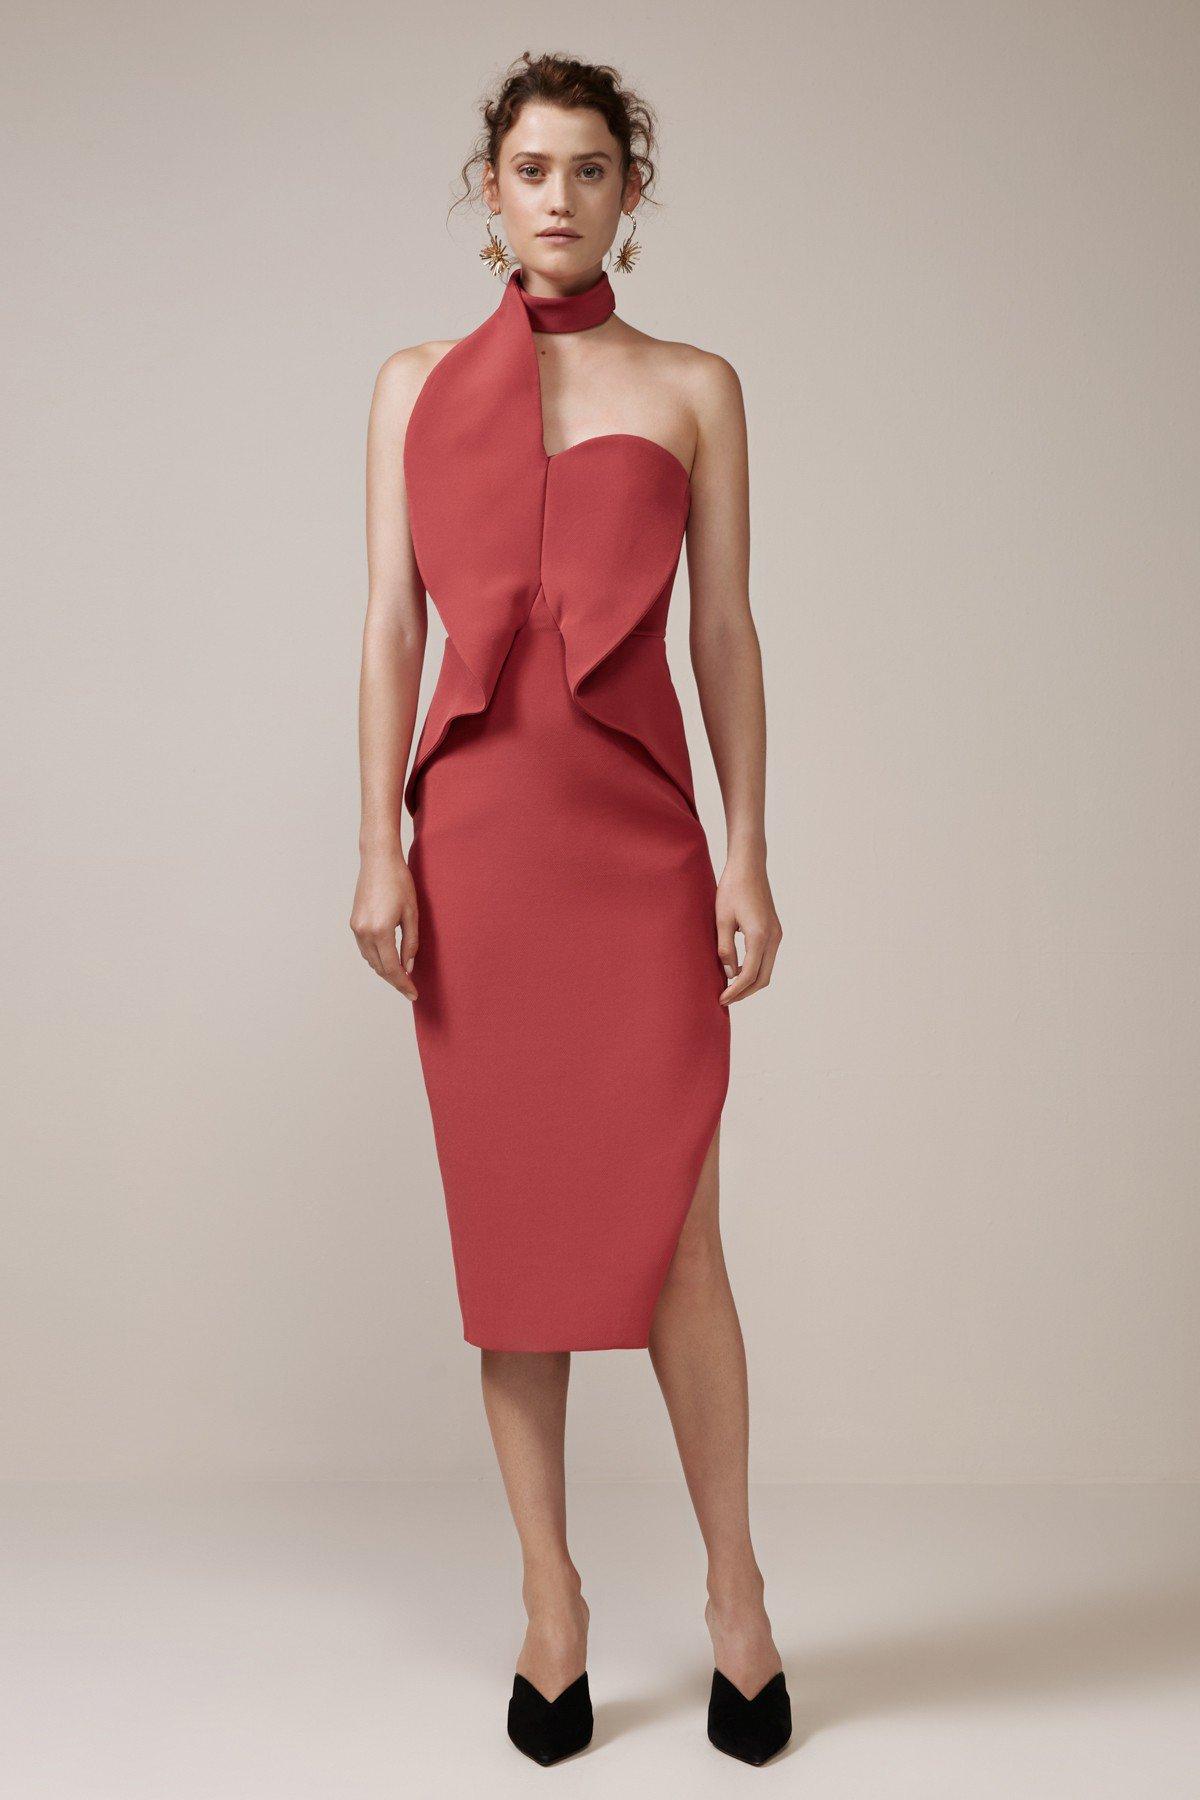 Shop Keepsake Dance With Me Dress.